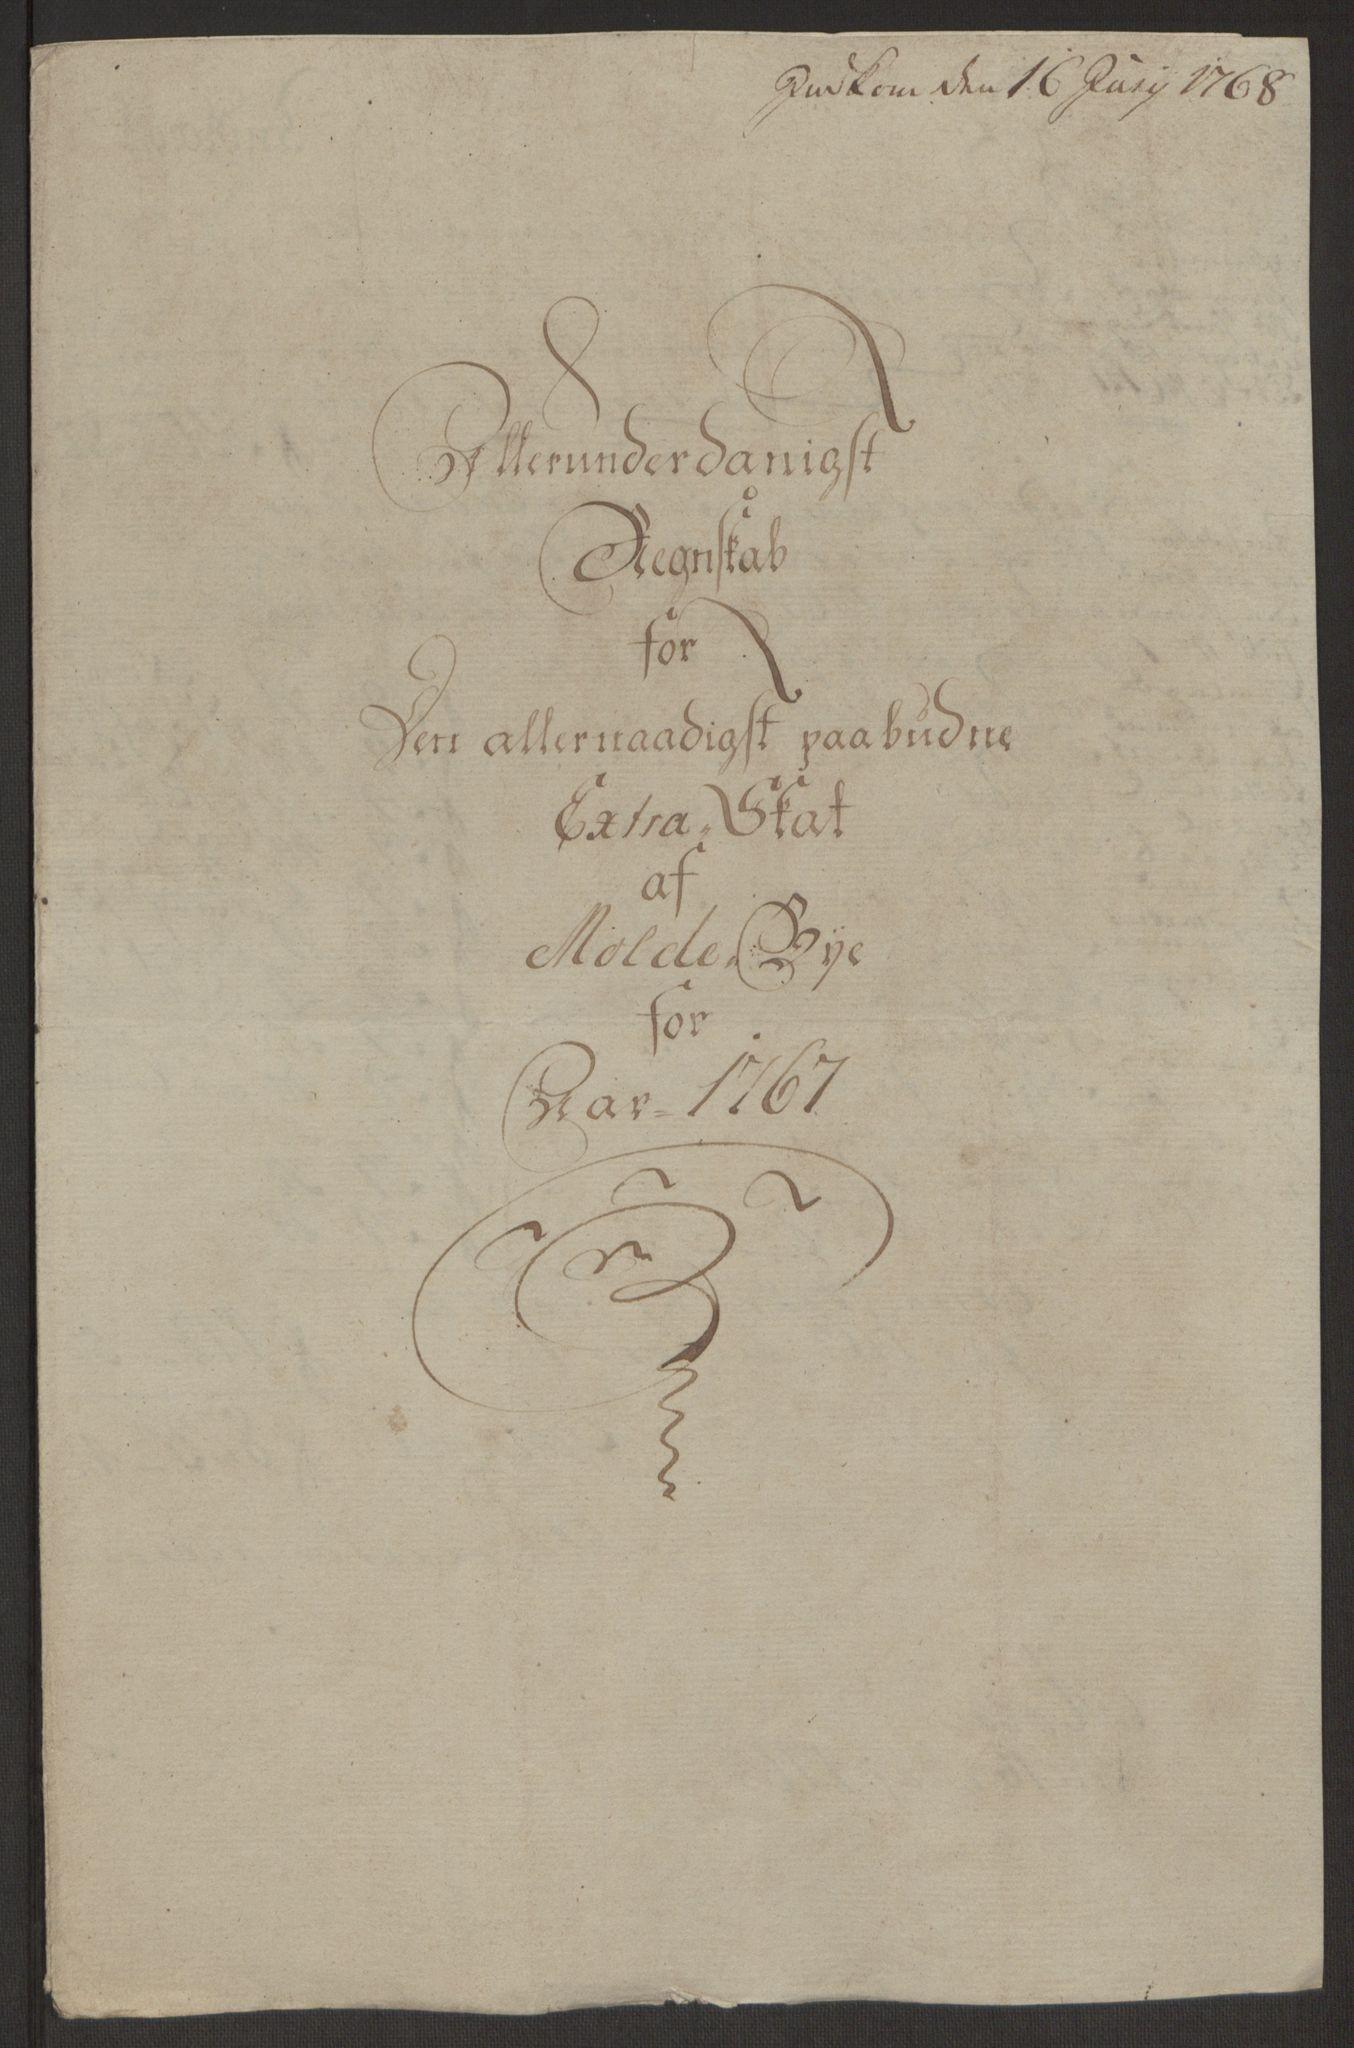 RA, Rentekammeret inntil 1814, Reviderte regnskaper, Byregnskaper, R/Rq/L0487: [Q1] Kontribusjonsregnskap, 1762-1772, s. 141